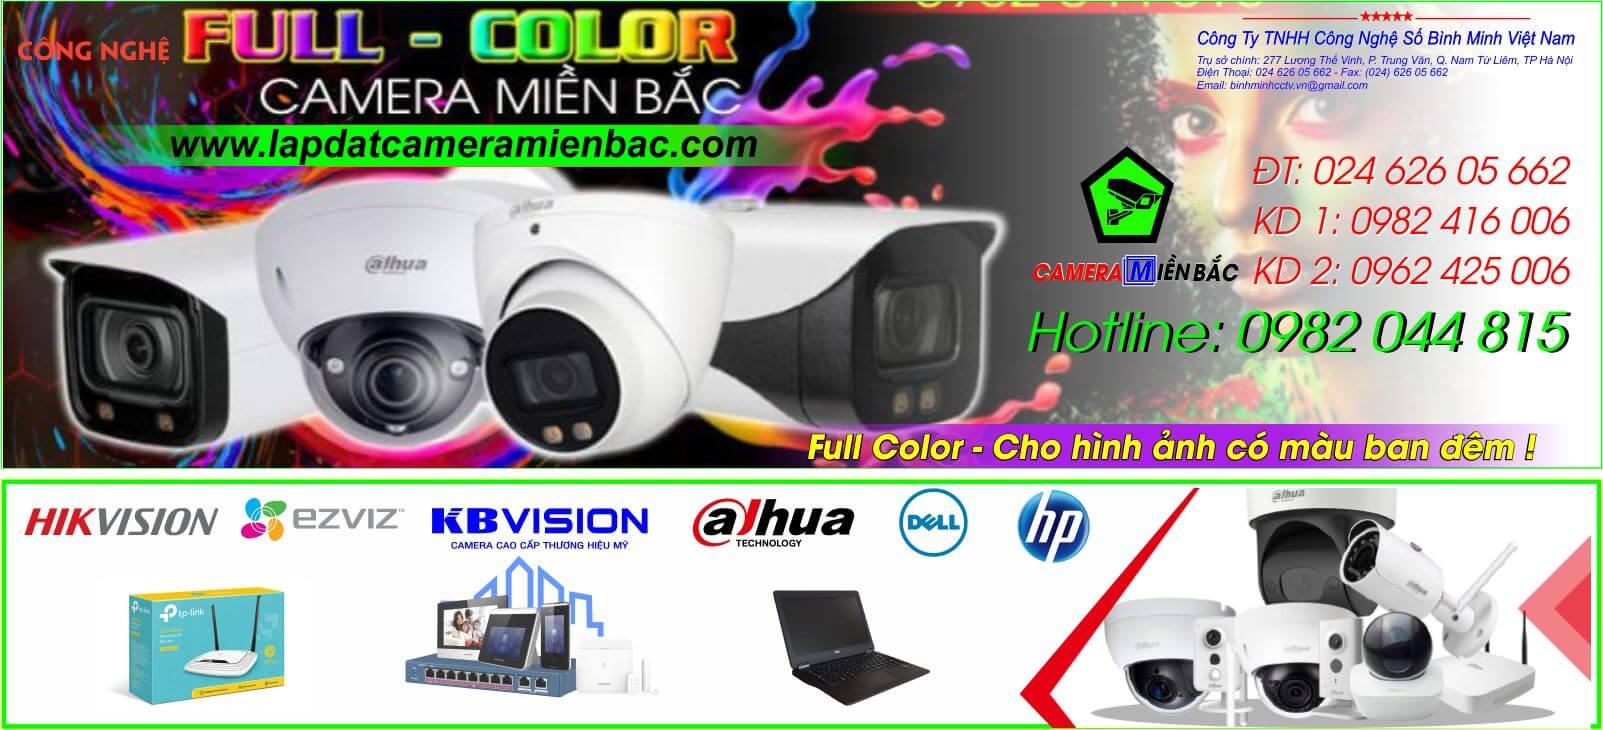 Bình Minh Camera – Laptop – Phụ Kiện